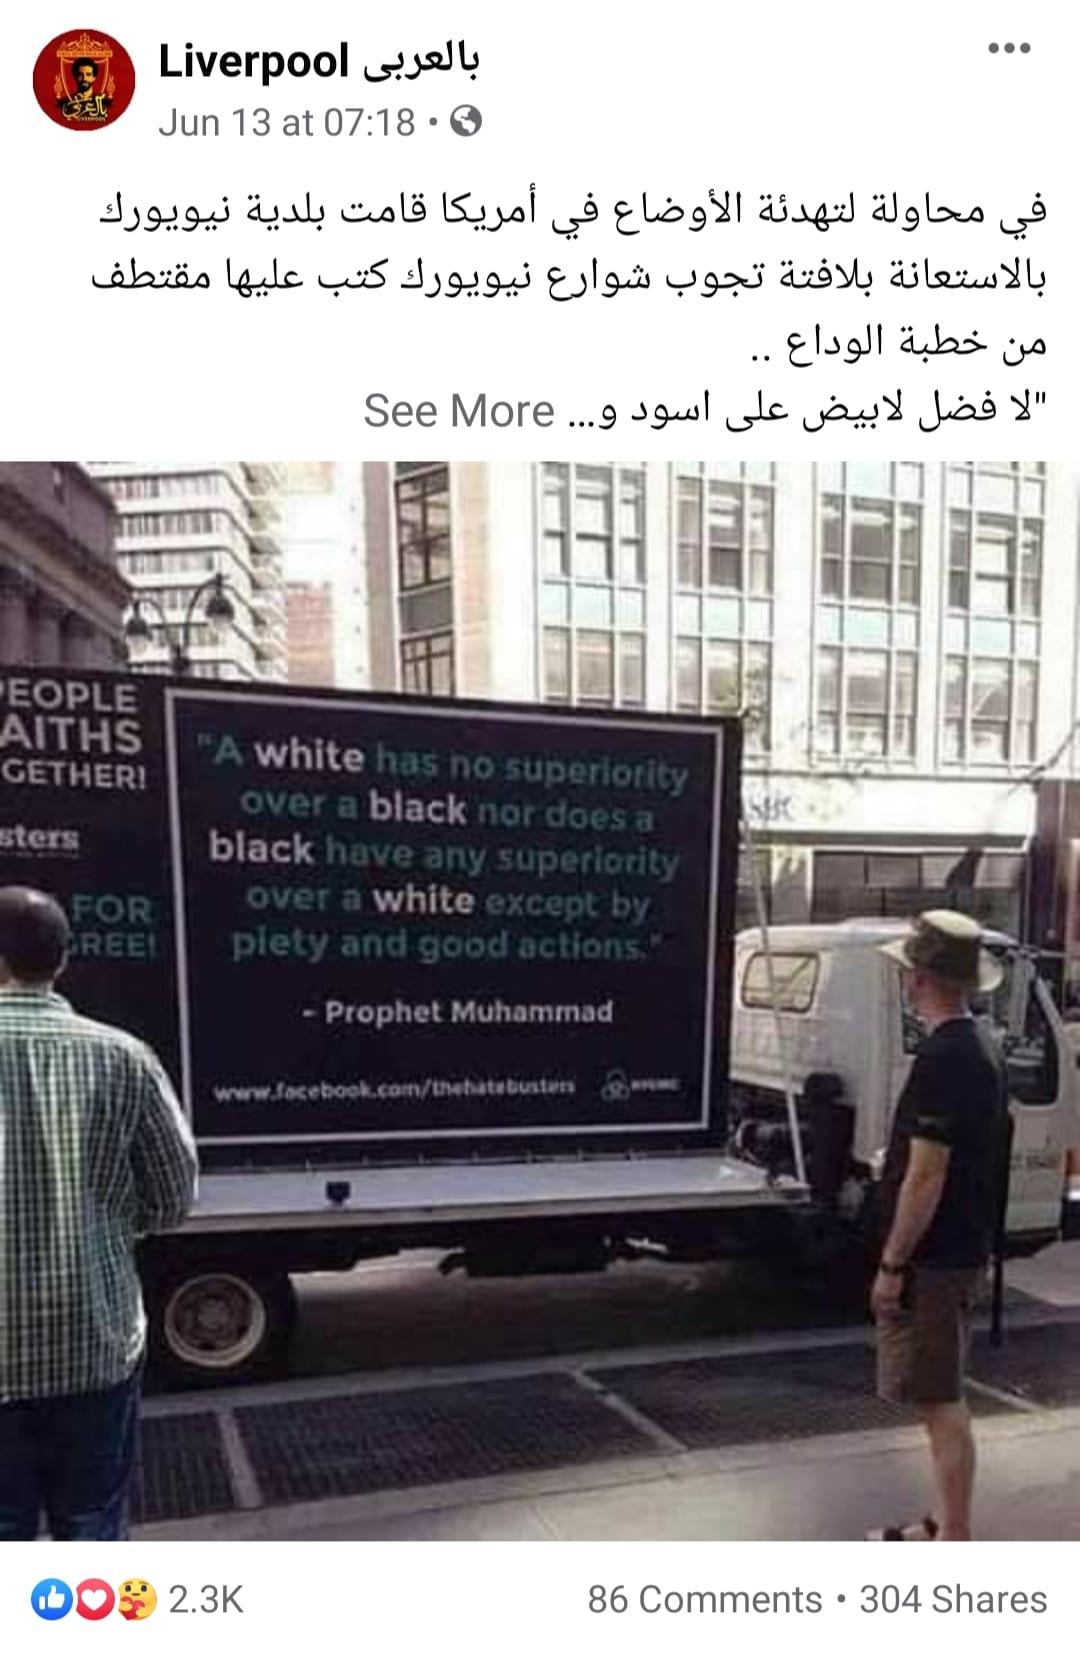 لافتة عليها حديث للنبي محمد ﷺ في شوارع نيويورك لتهدئة الأوضاع